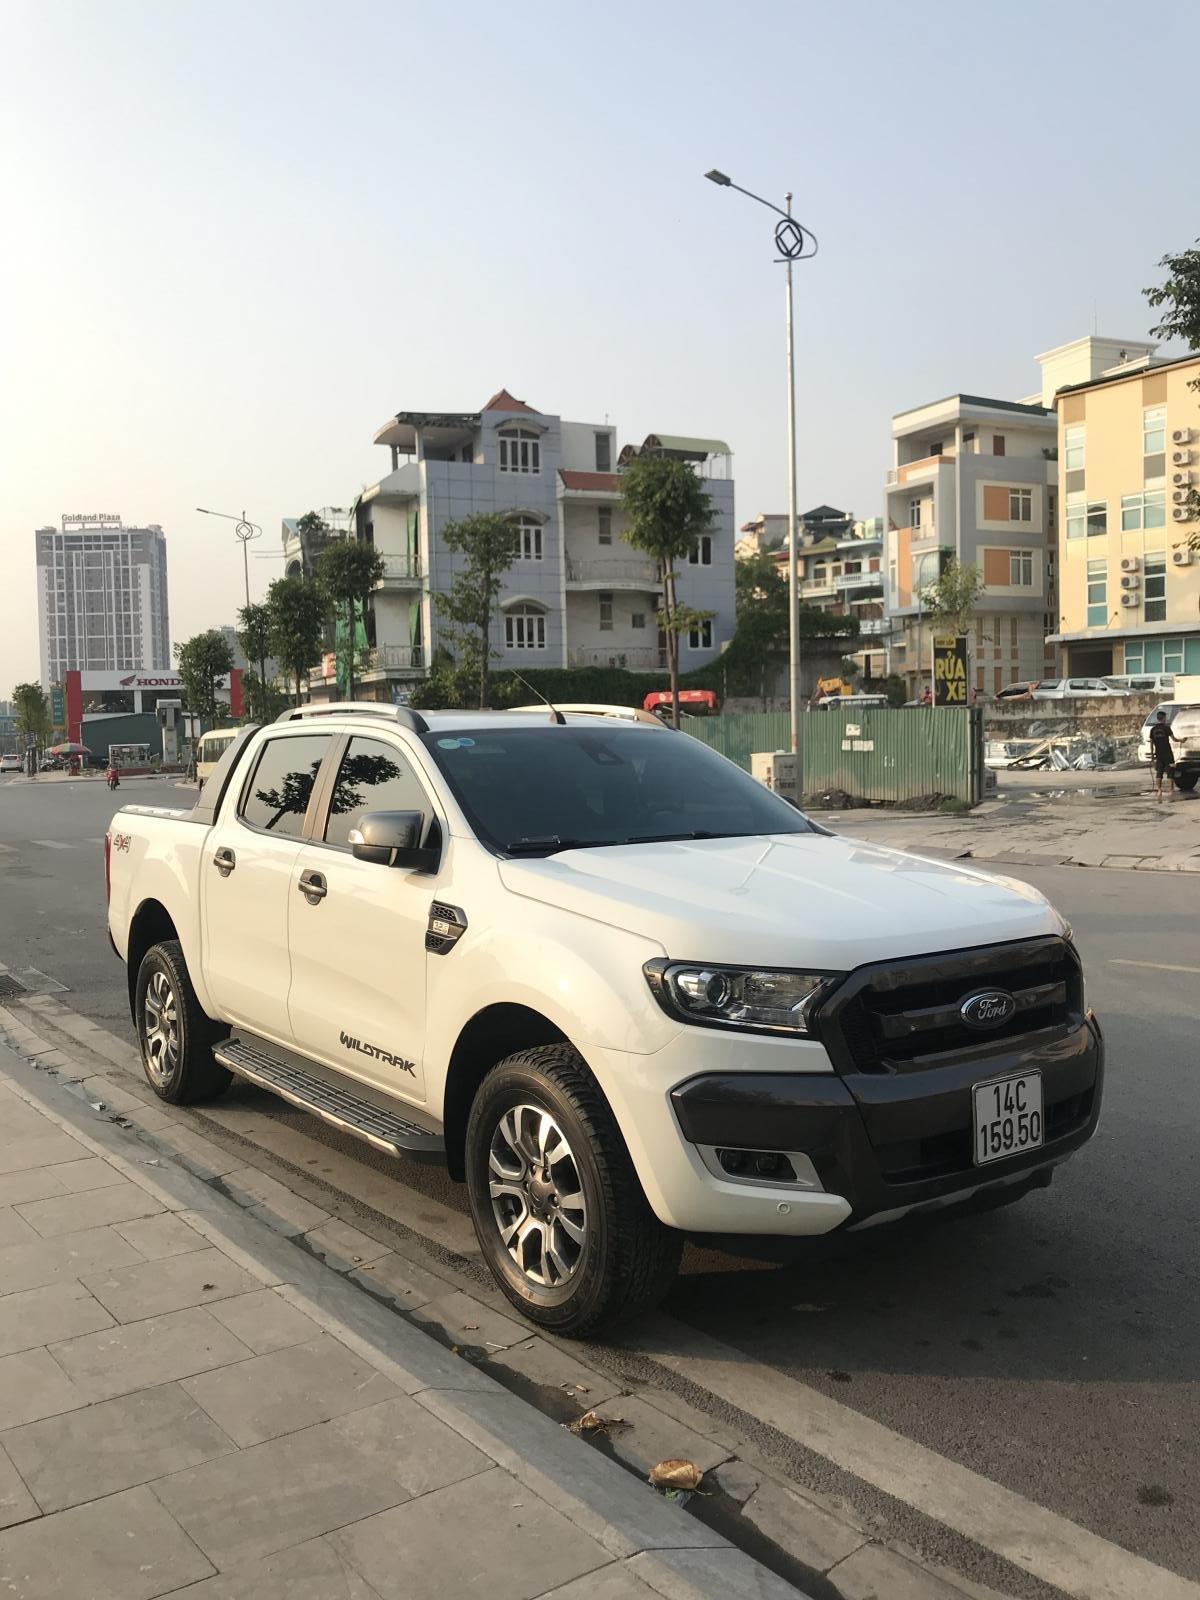 Cần bán xe Ford Ranger Wildtrak 3.2 4x4 AT đời 2016, màu trắng, xe chính chủ, nhập khẩu Thái Lan, liên hệ: 0982255966 (3)